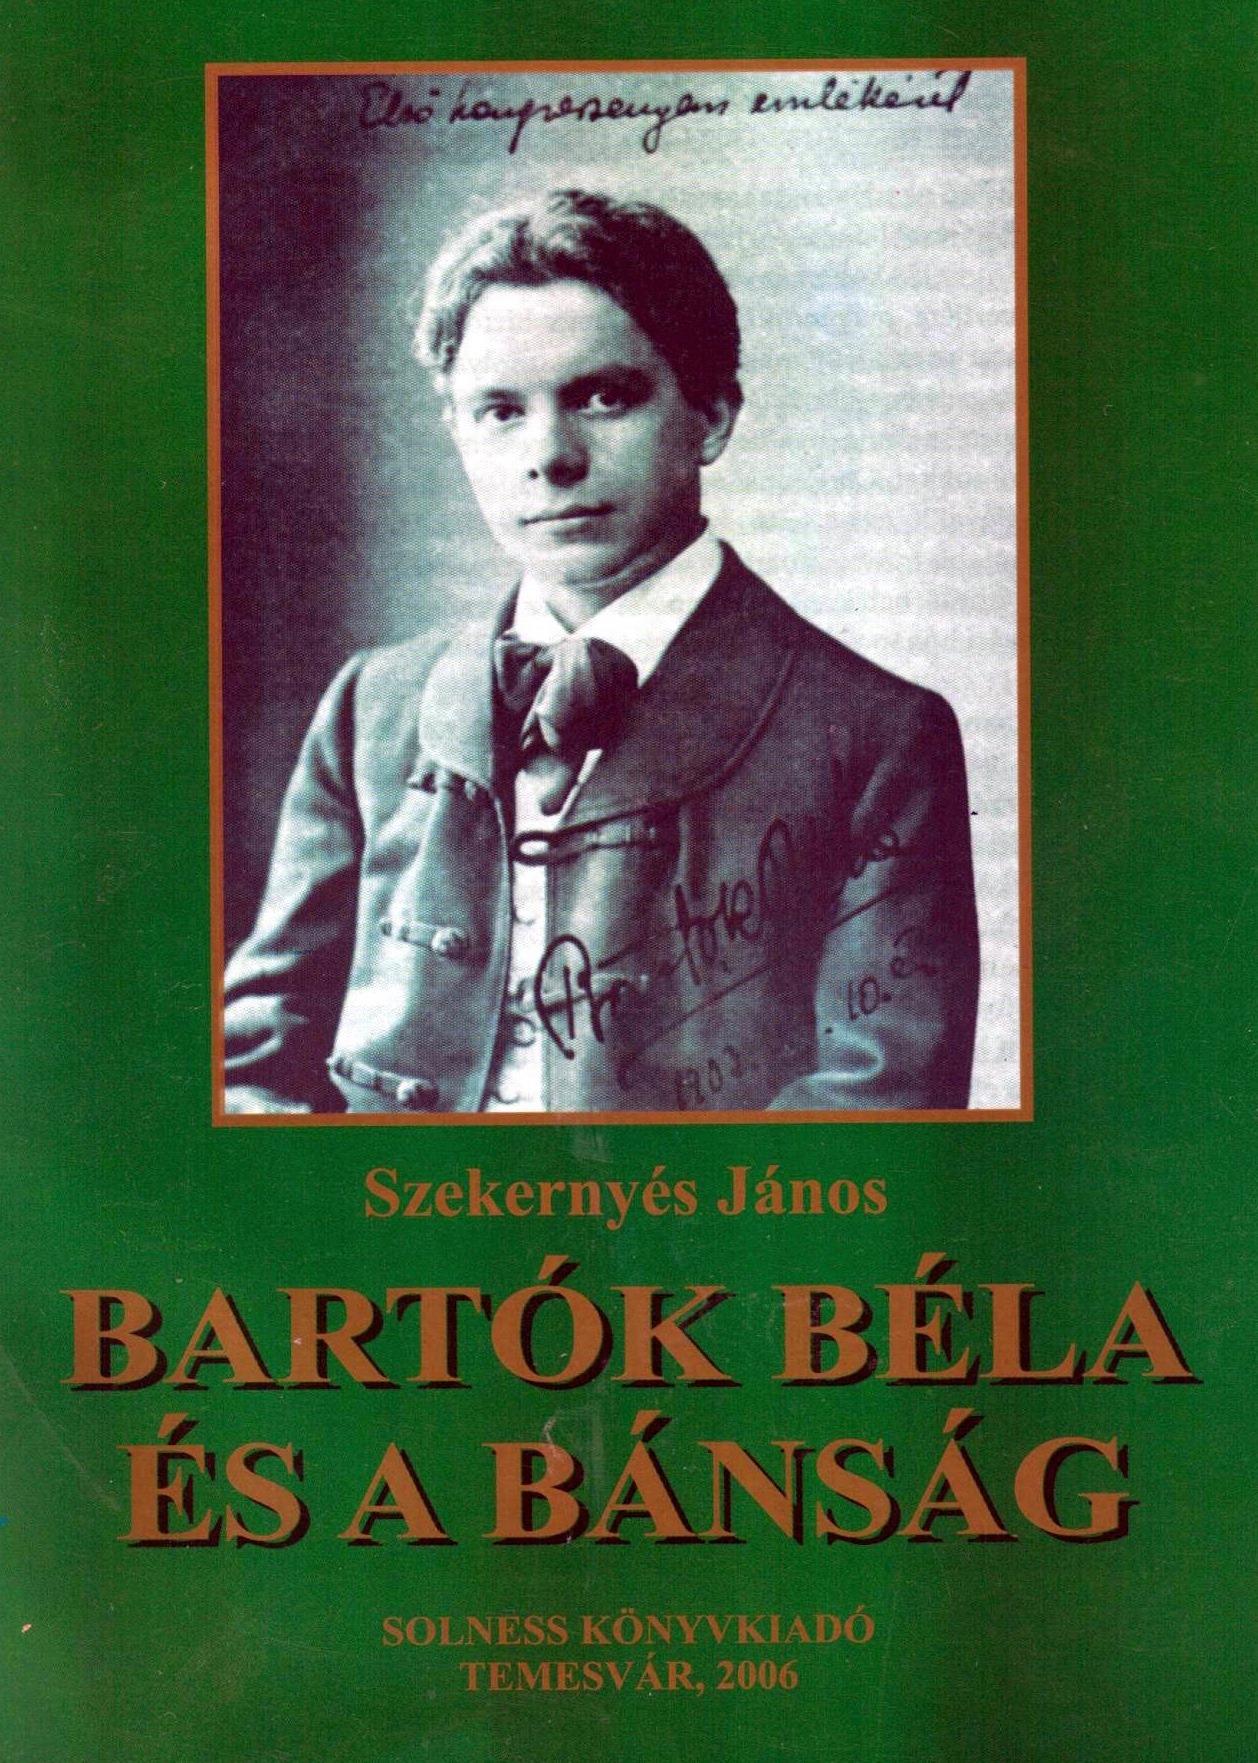 Bartók Béla és a Bánság - Temesváros